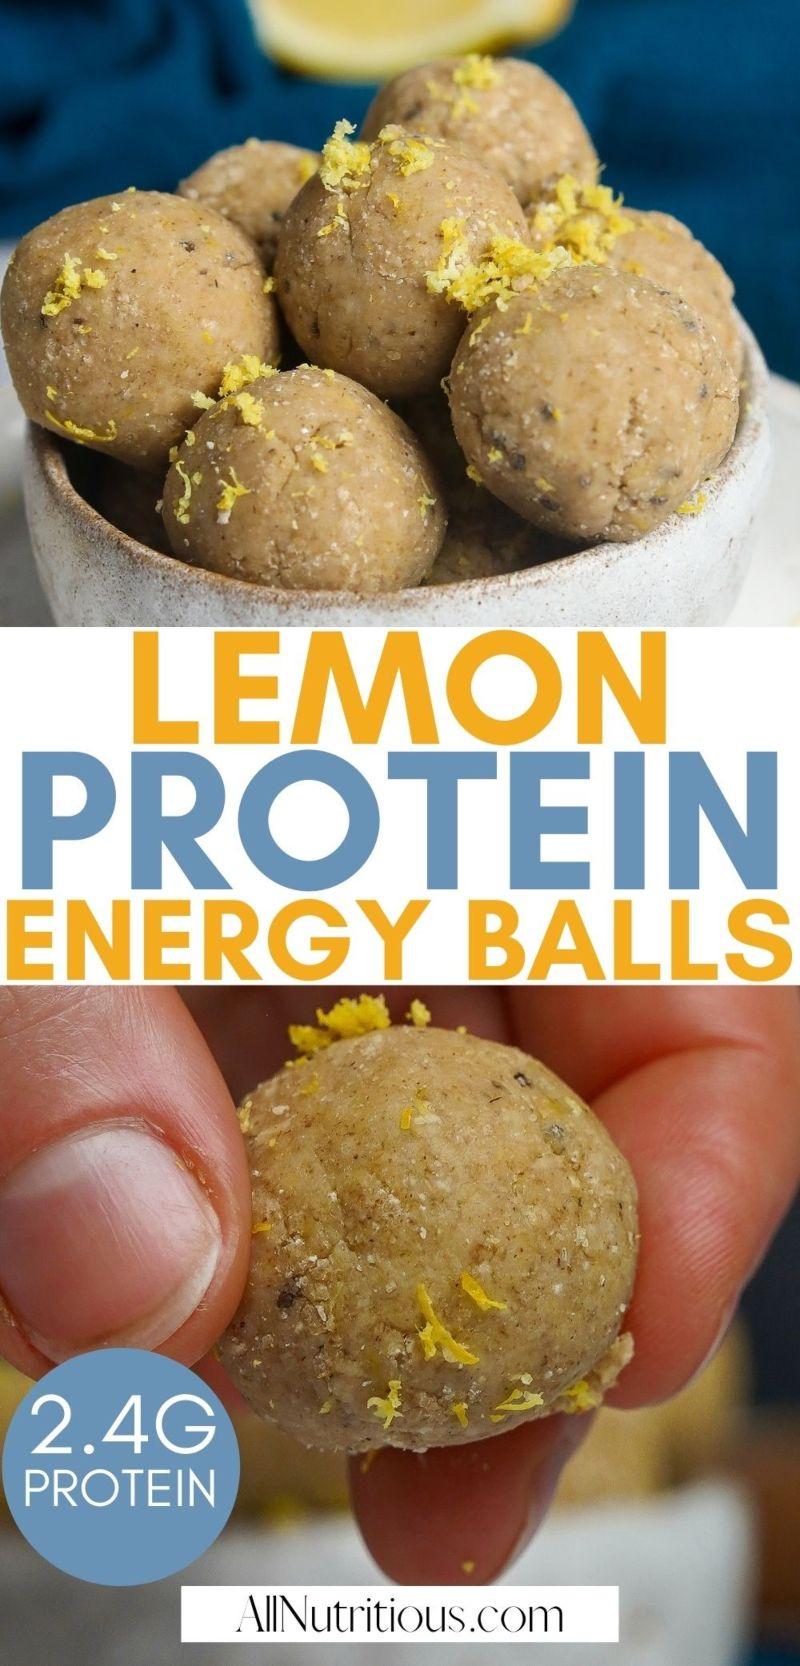 lemon protein energy balls